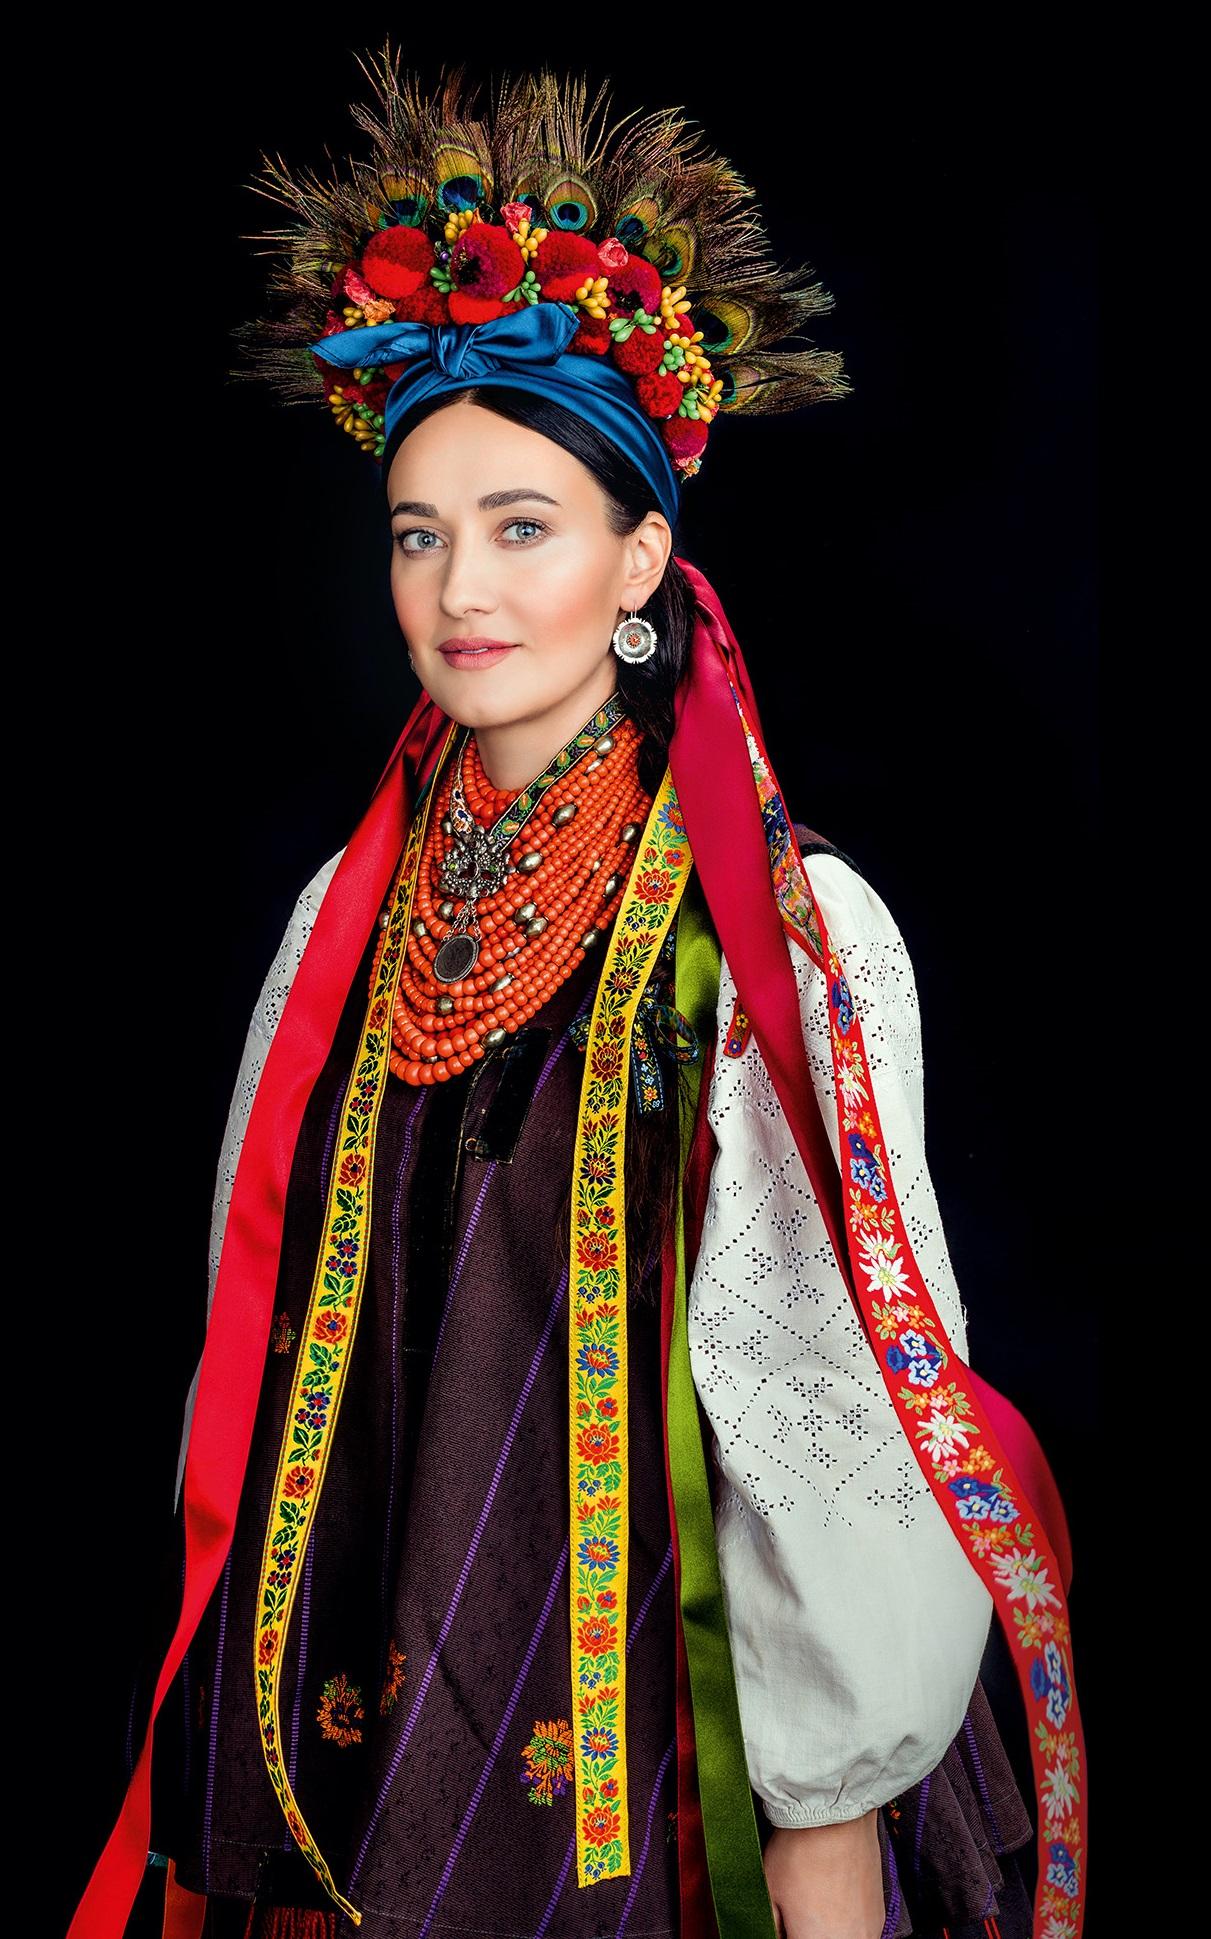 Кароль, Фреймут, Єфросиніна вбралися у розкішне українське вбрання - фото 6